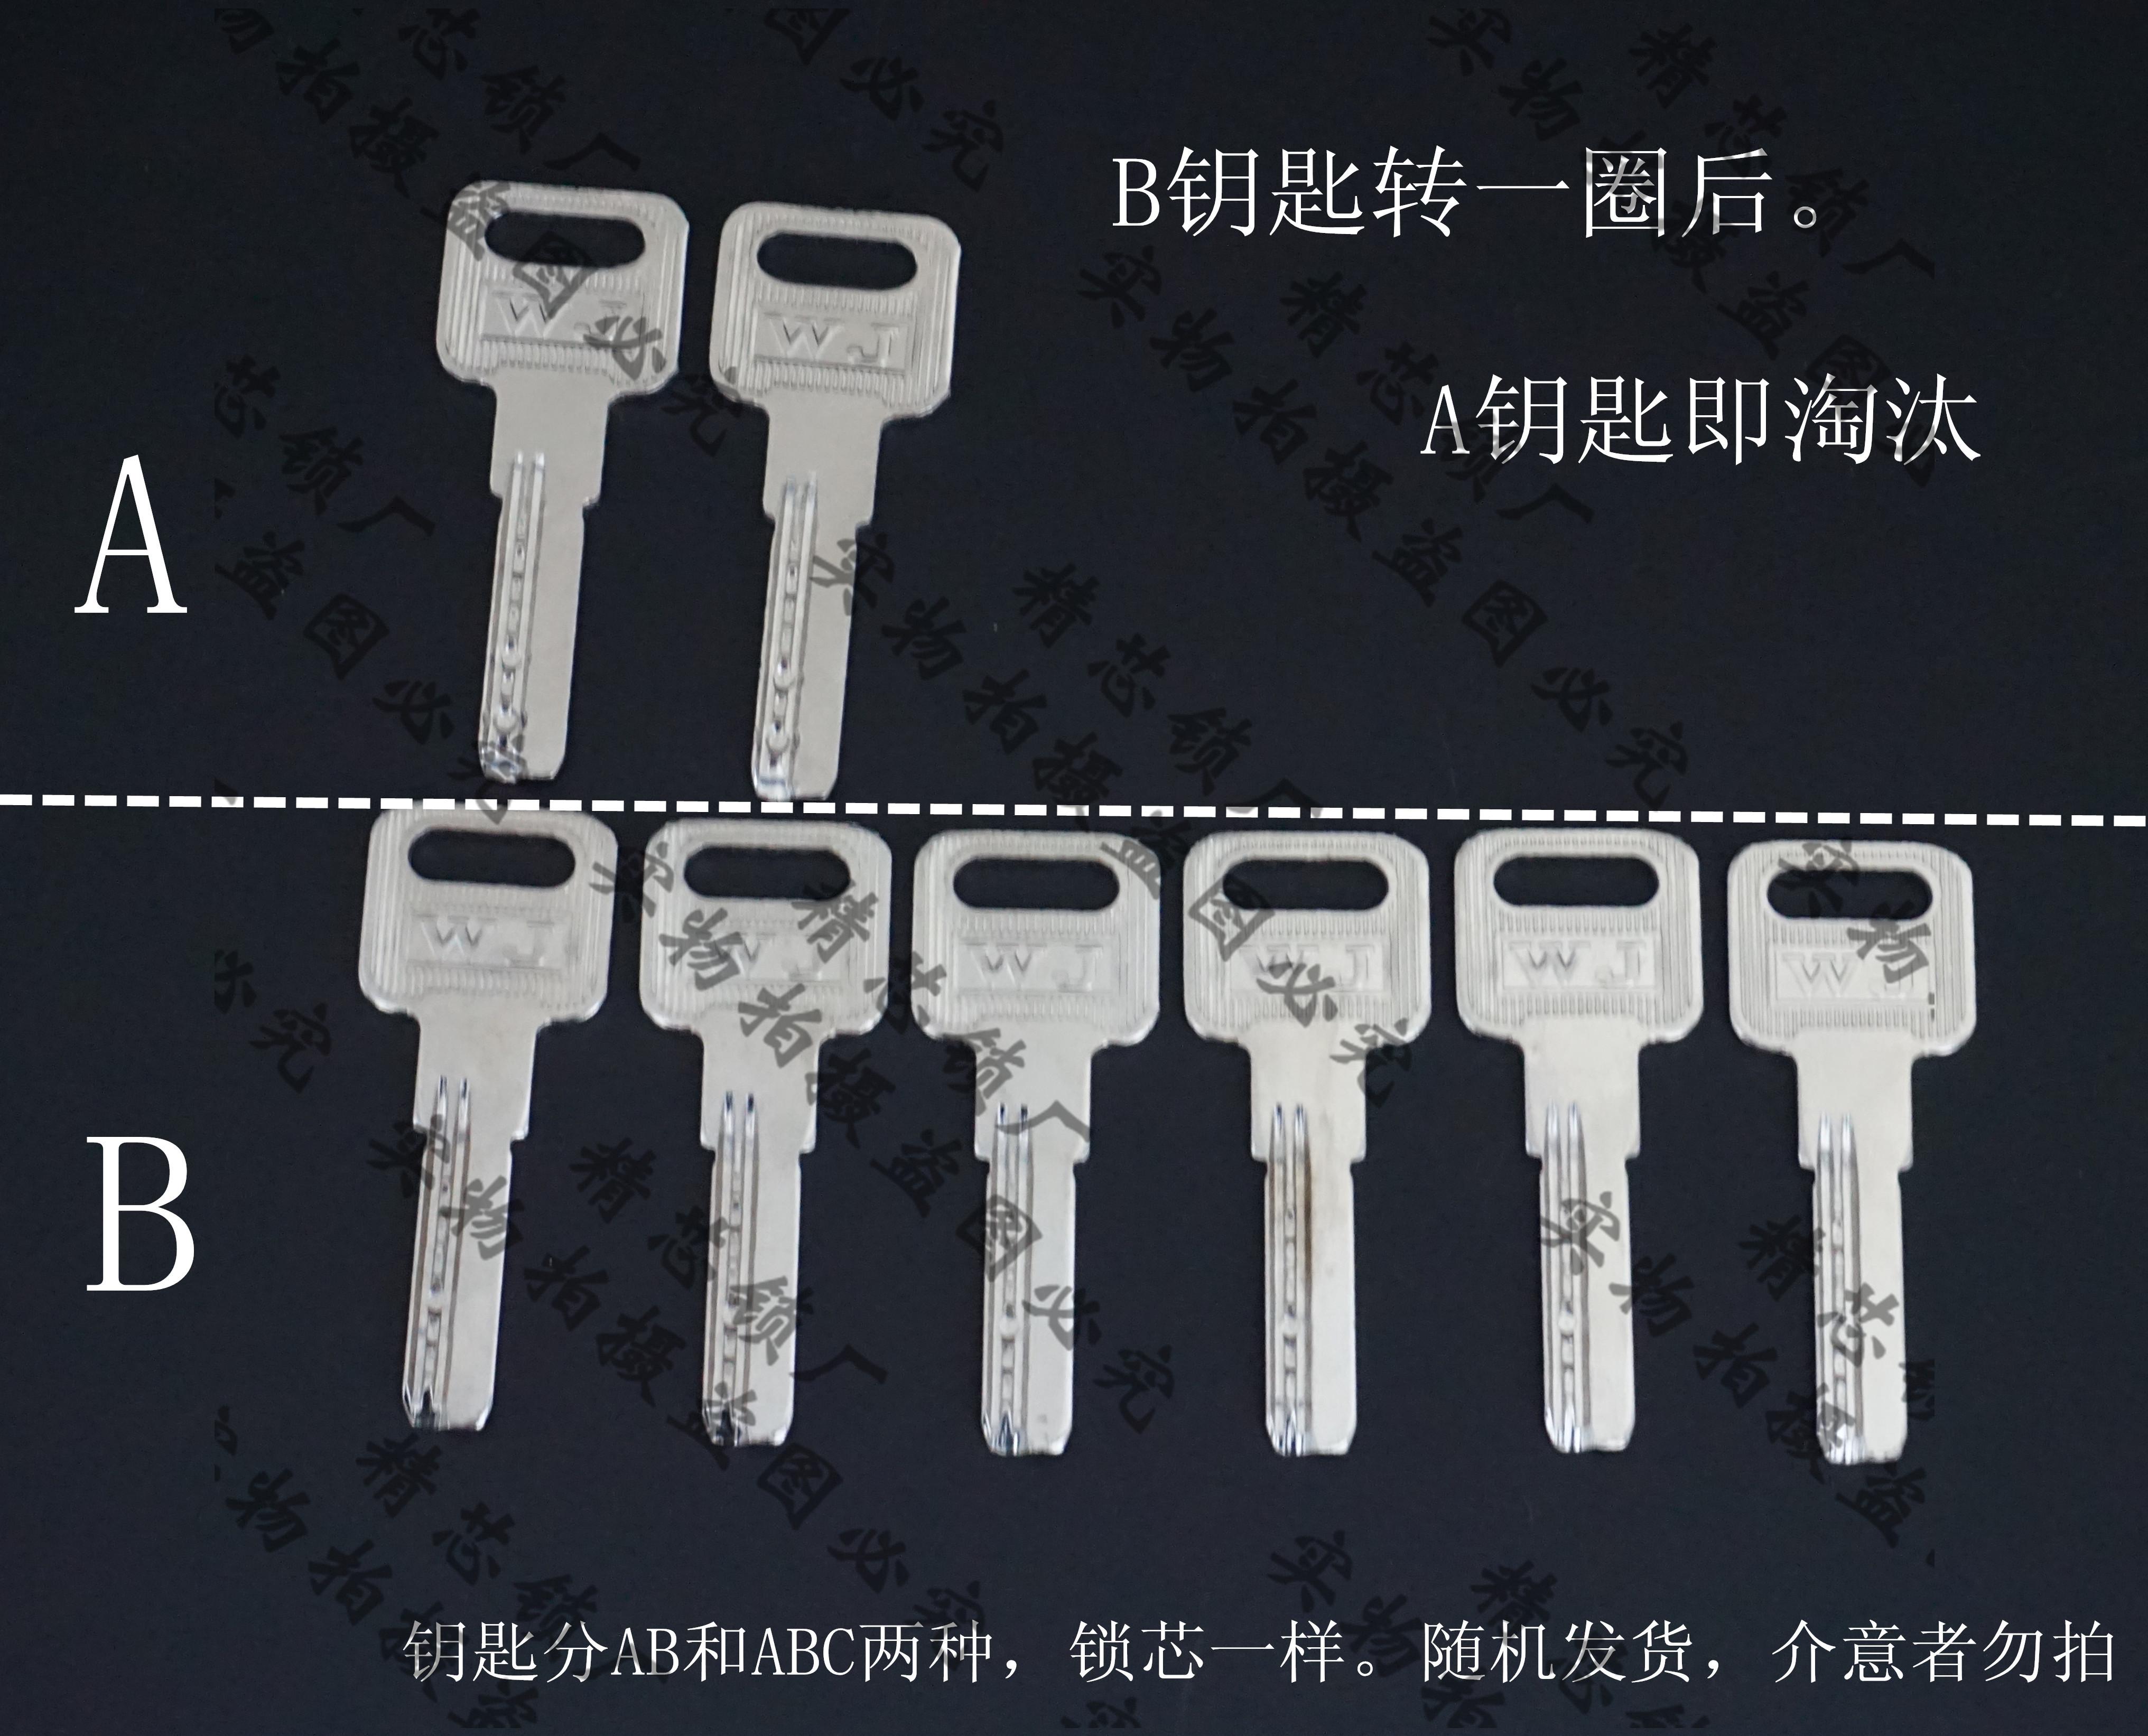 鎖芯大門鎖芯銅鎖芯防盜門鎖大鎖芯 AB 清倉全銅防盜門鎖芯通用鎖芯